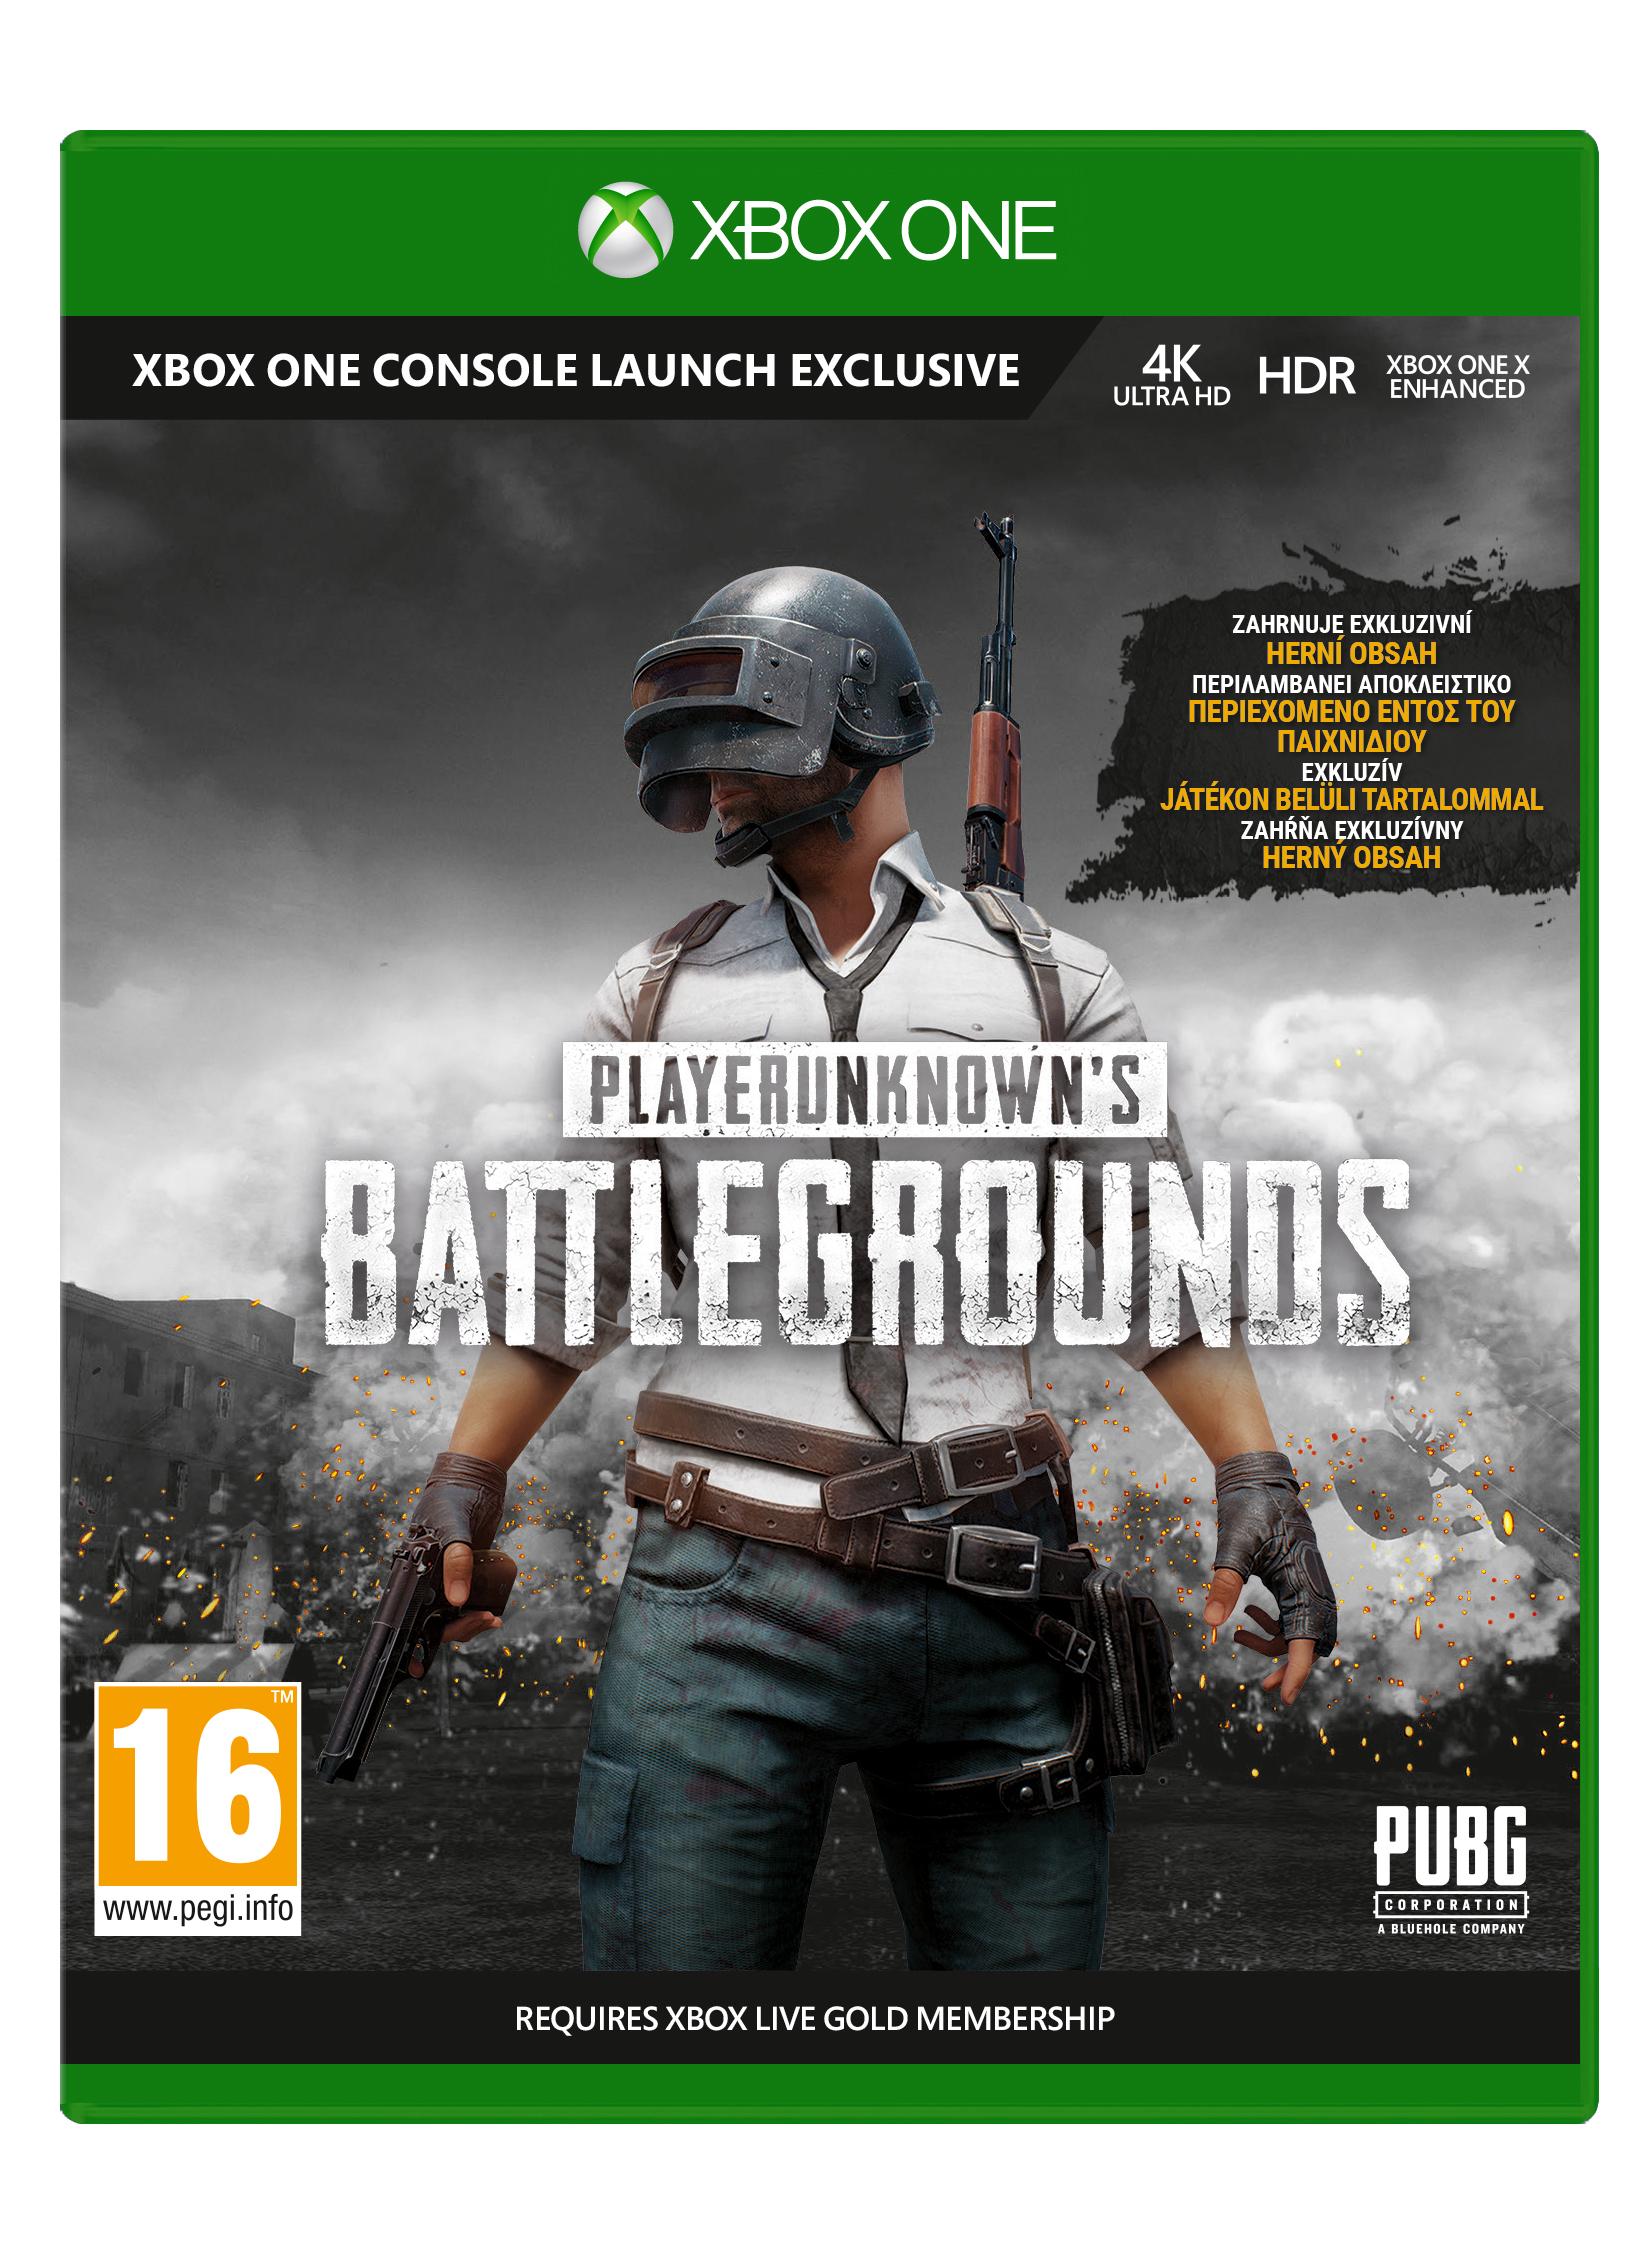 XBOX ONE - PlayerUnknown's Battlegrounds 1.0 (PUBG 1.0)